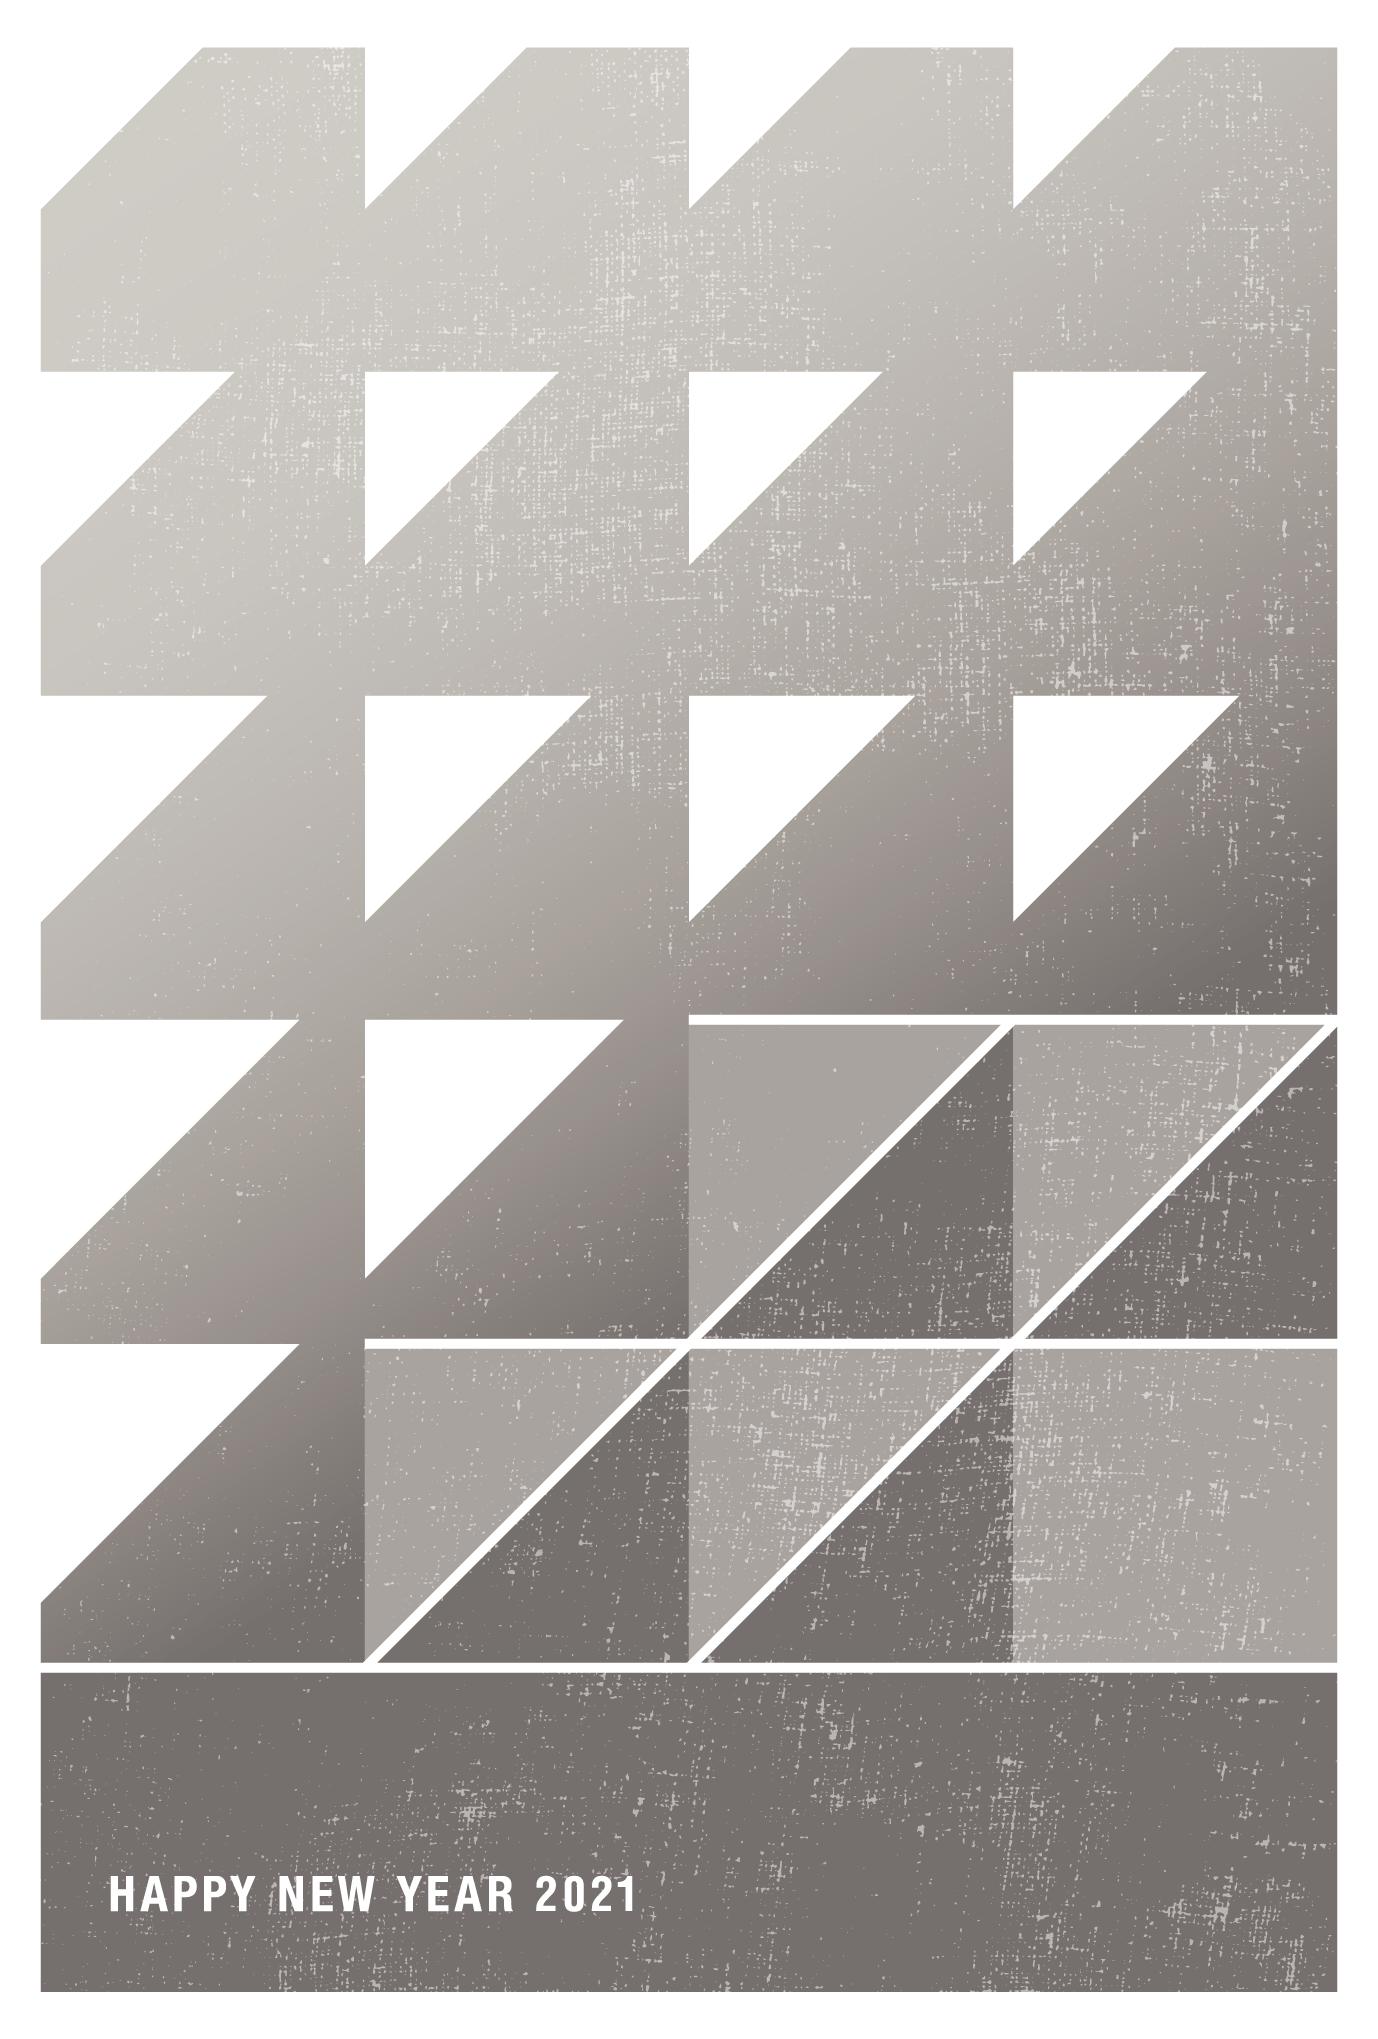 2021年賀状07-2:丑と鱗文様(薄鈍)縦のダウンロード画像